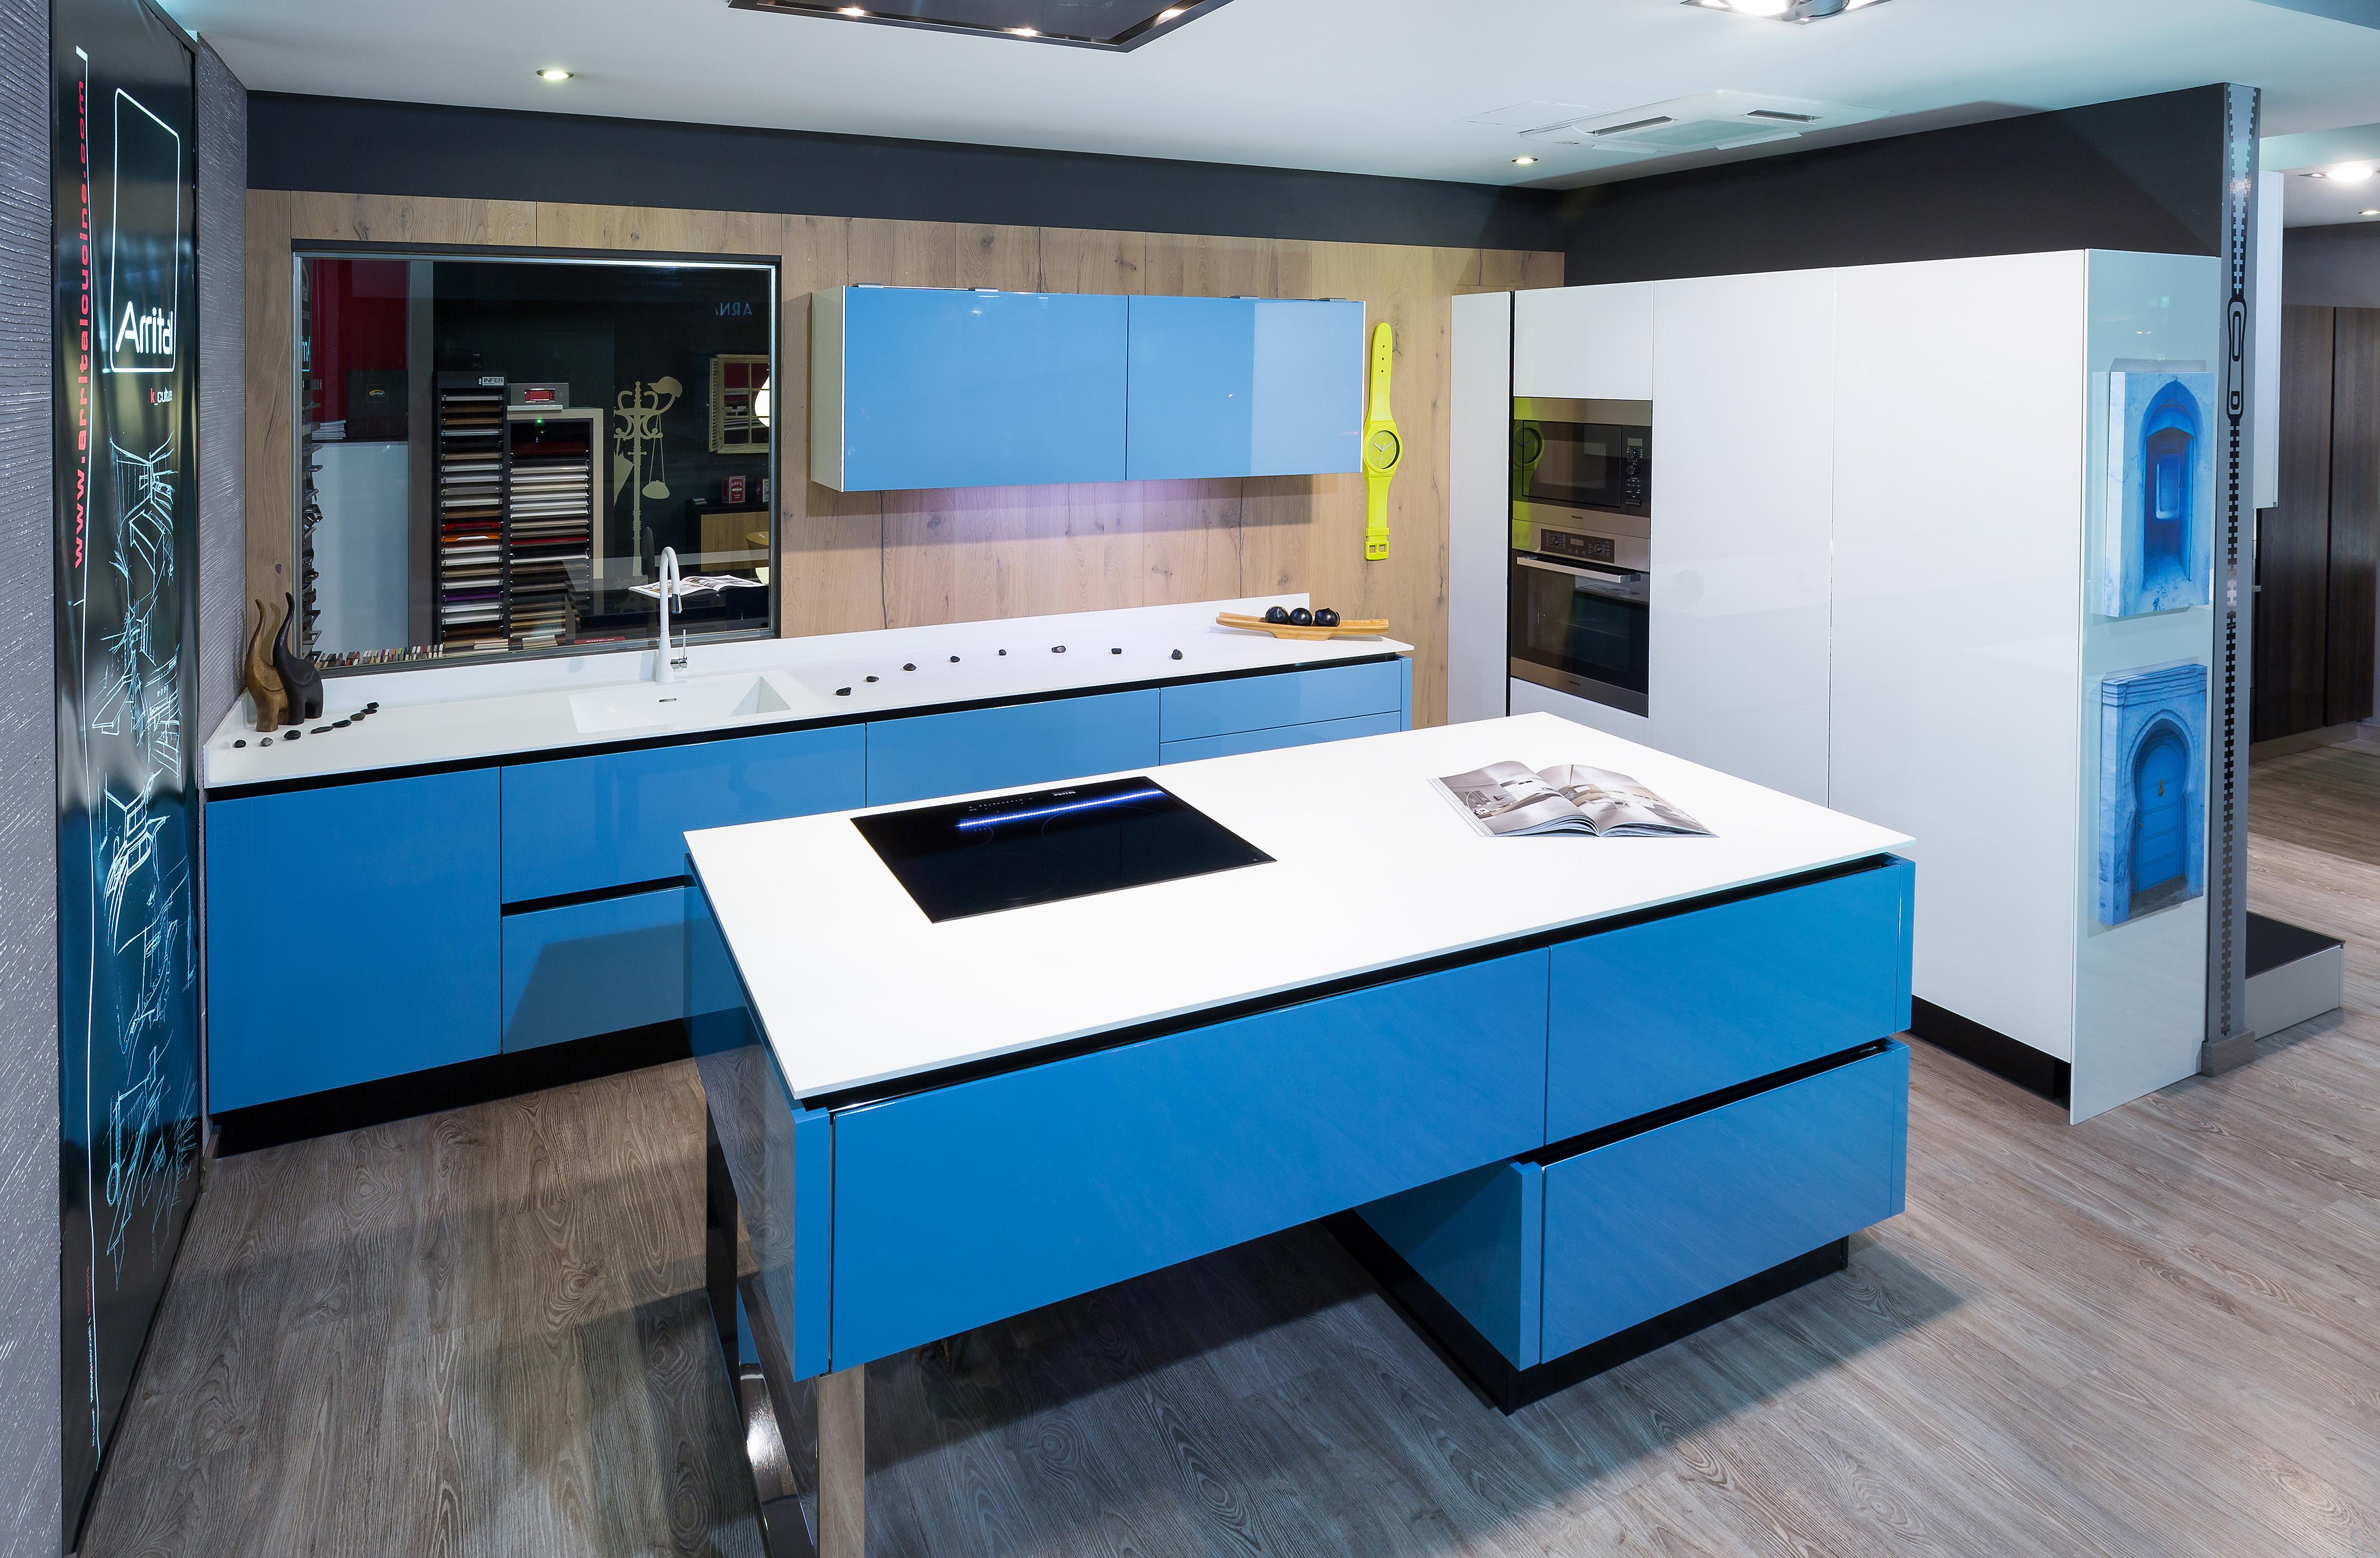 Cocinas slide background cocinas la cocina de maite - Ideas para amueblar una cocina ...